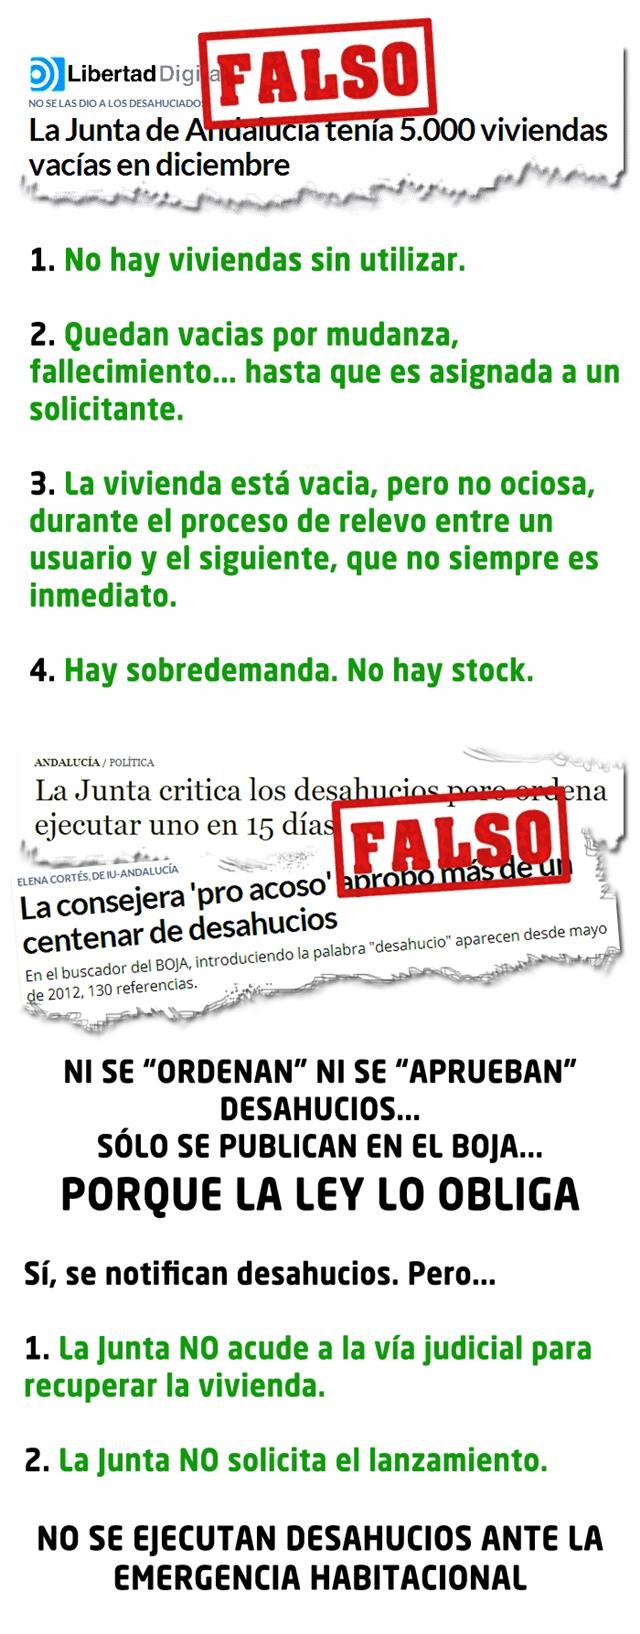 20130411175407-falso.jpg